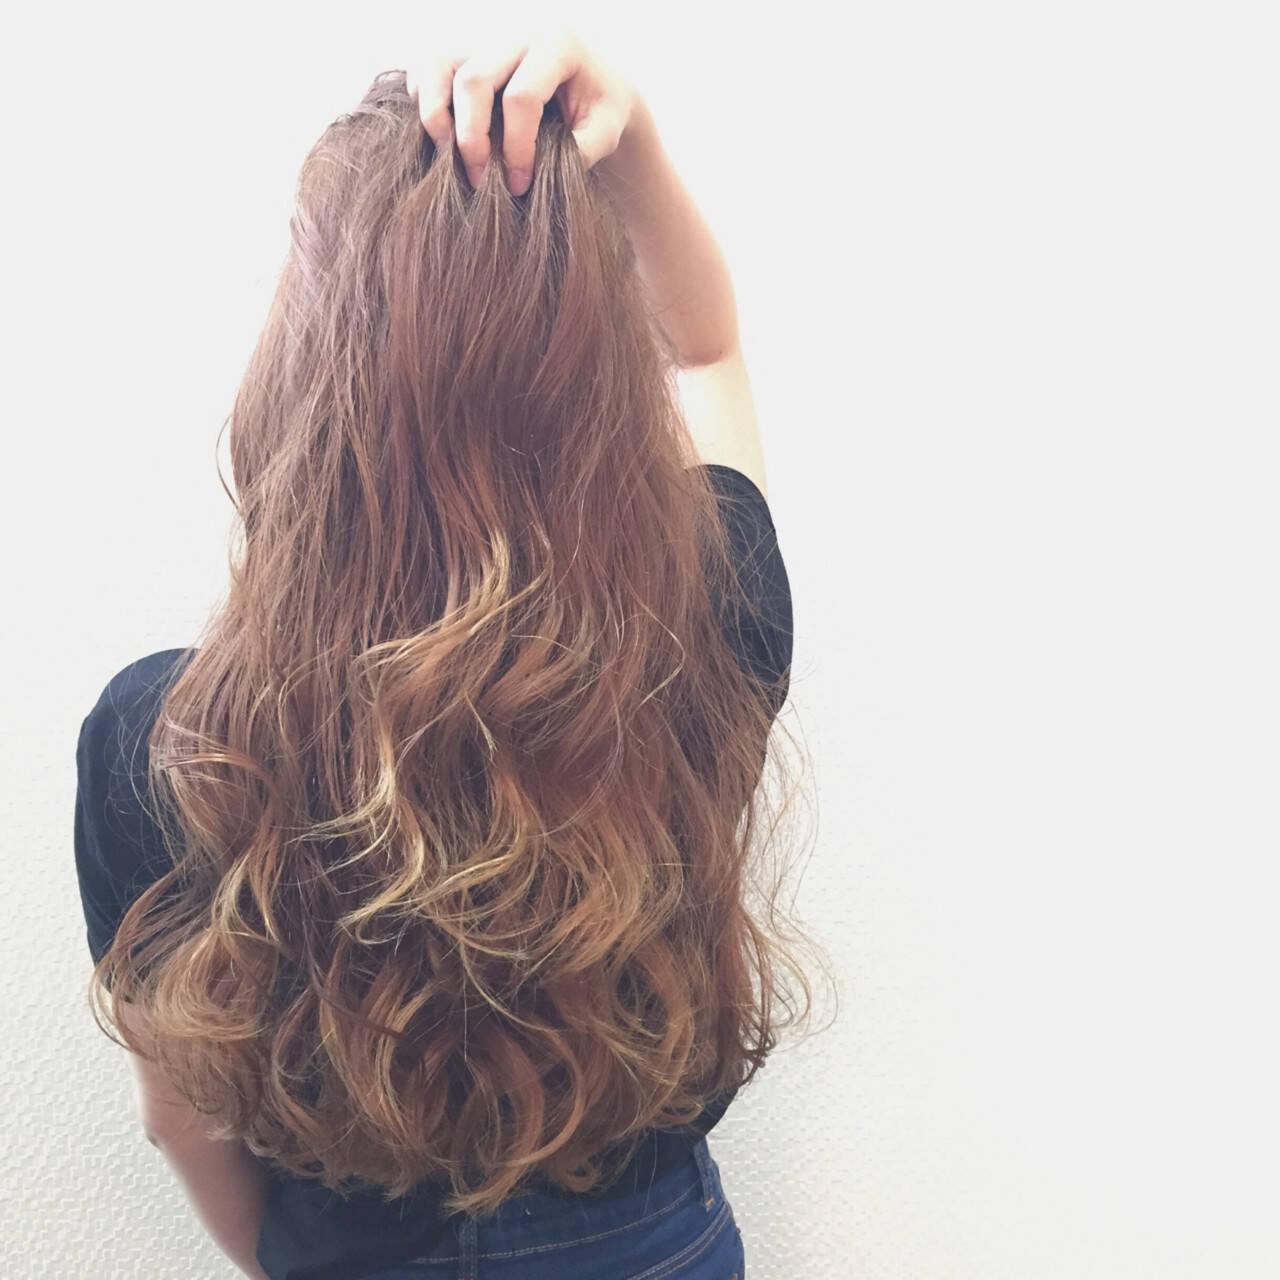 グラデーションカラー ロング 外国人風 大人かわいいヘアスタイルや髪型の写真・画像